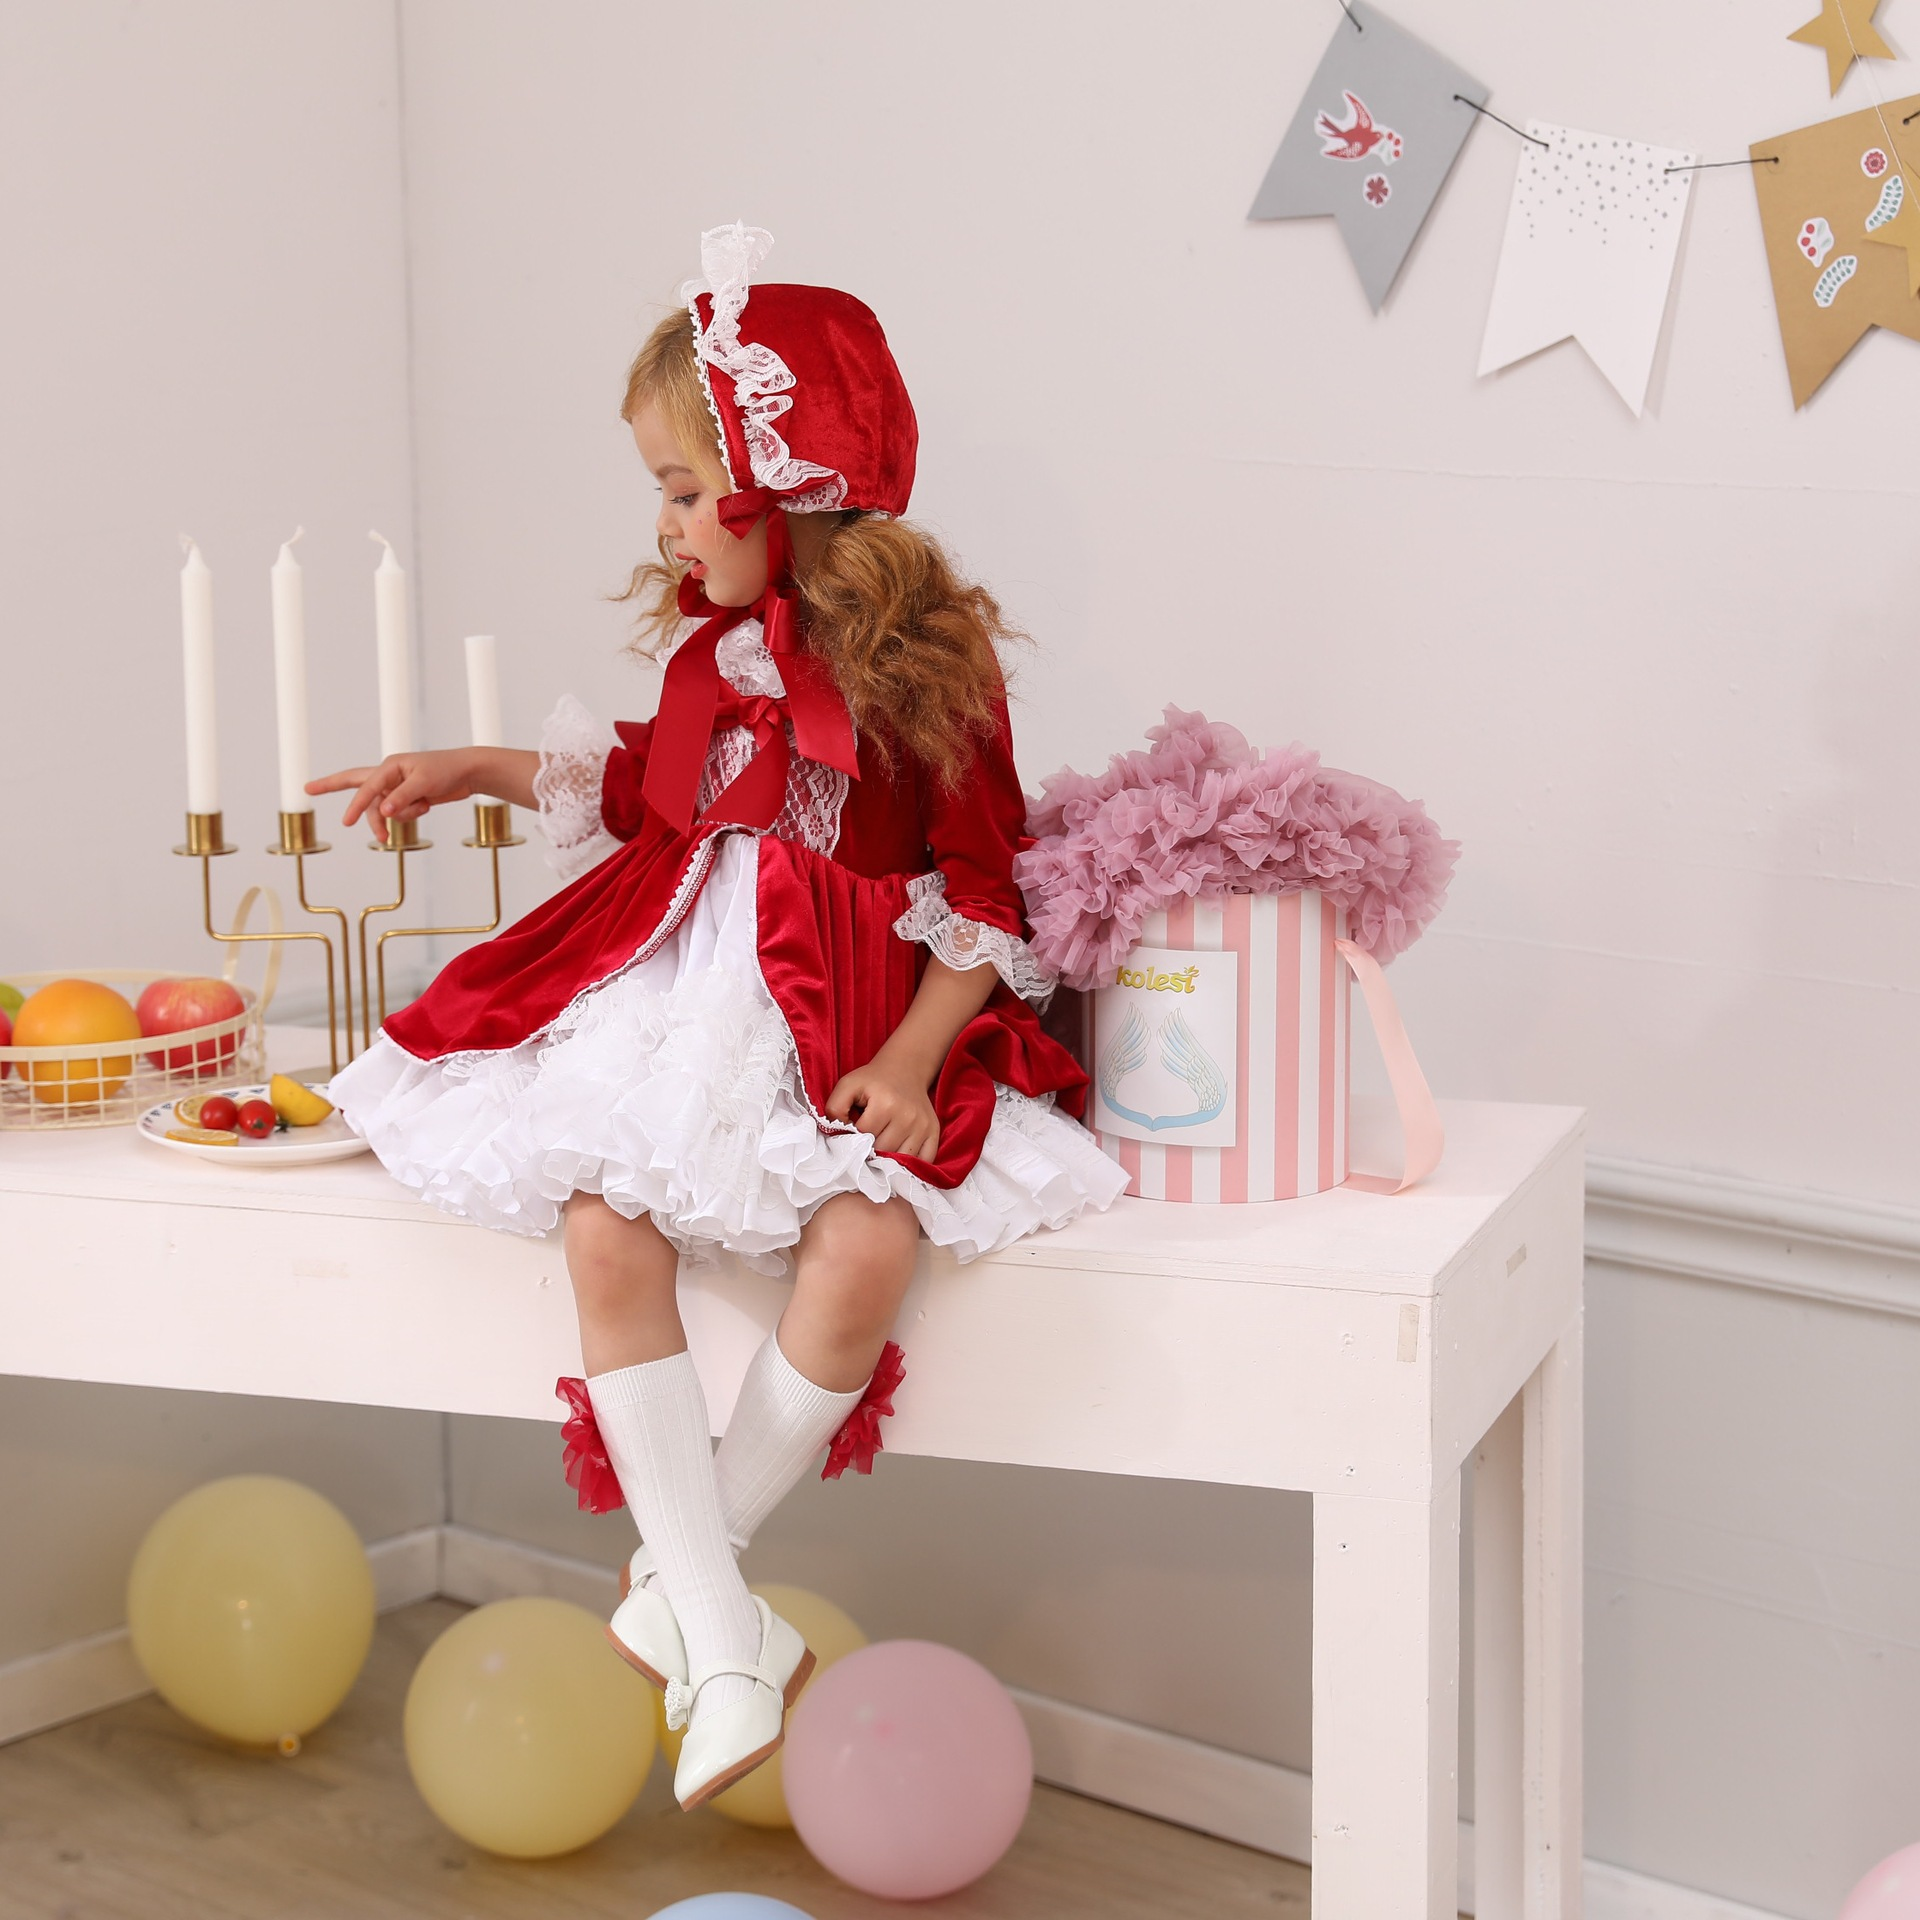 Robe de princesse de vent de cour espagnole 4 pièces ensemble de vêtements pour enfants Quinper enfants robe cadeau d'anniversaire robes de bambin Style Lolita